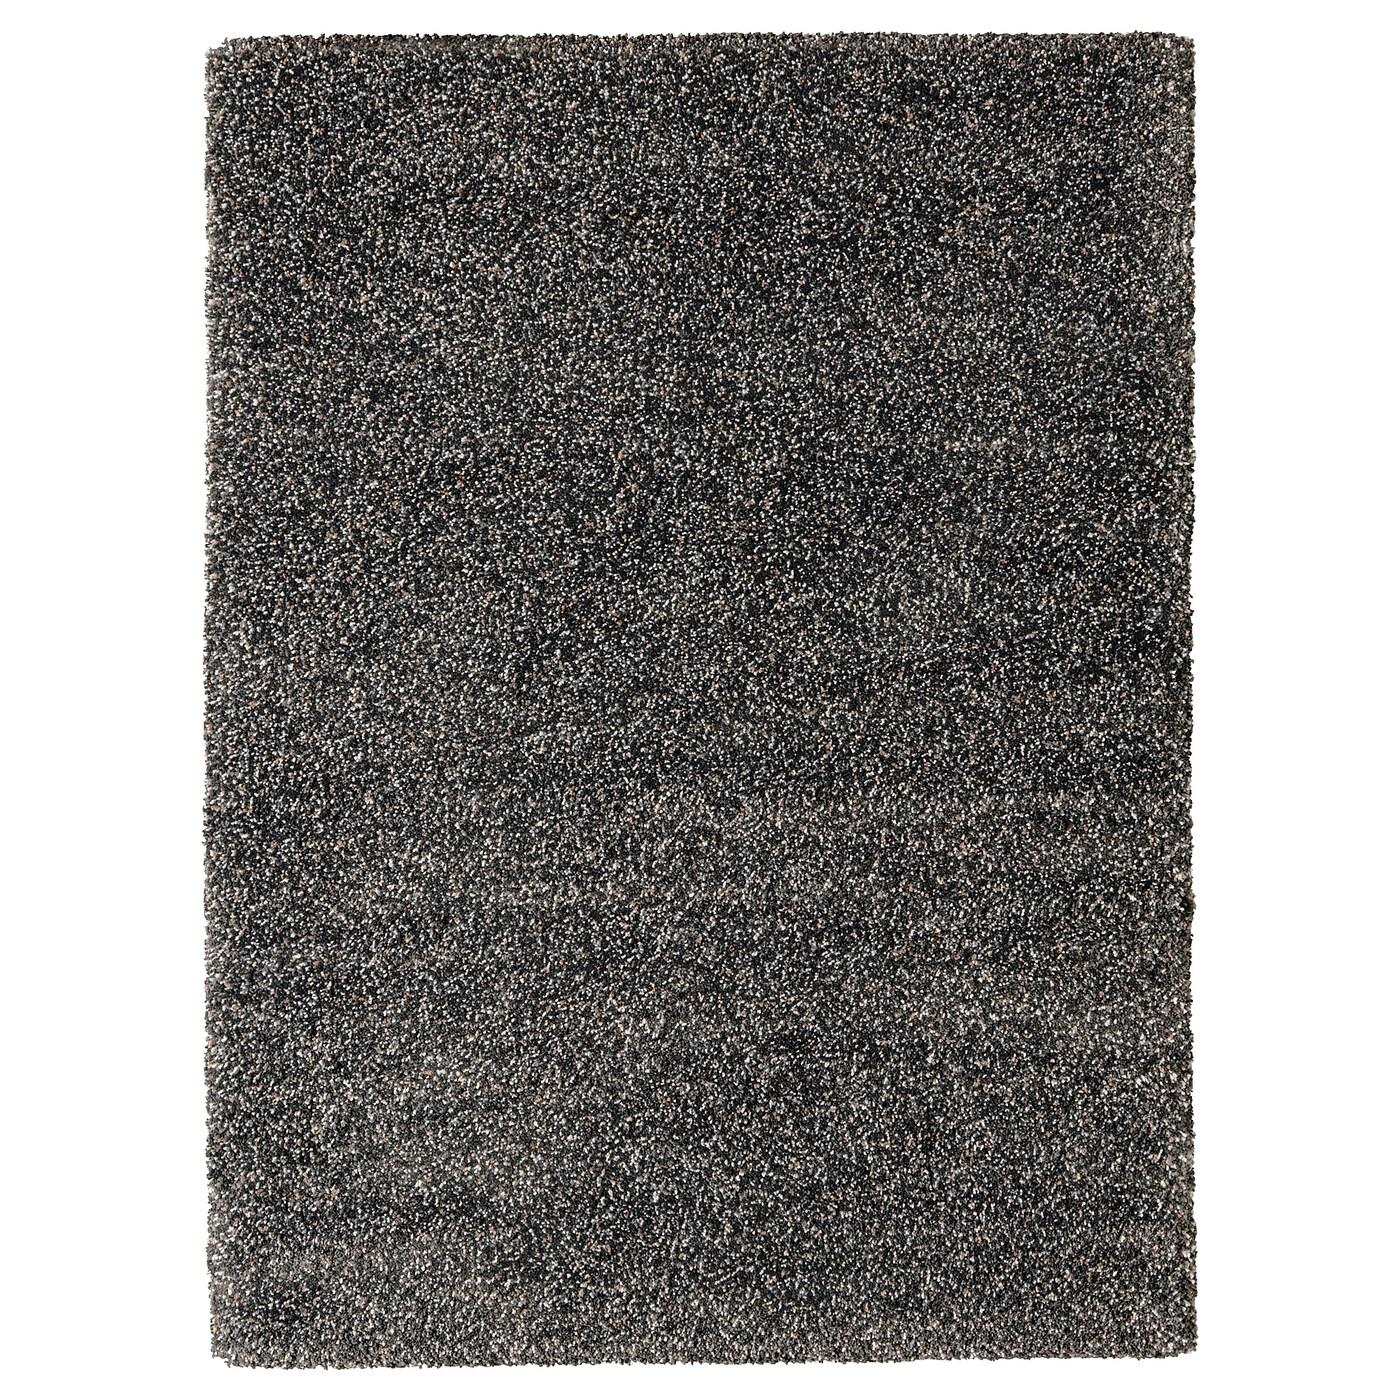 Alfombras textil para el hogar compra online ikea - Alfombra de coco ikea ...